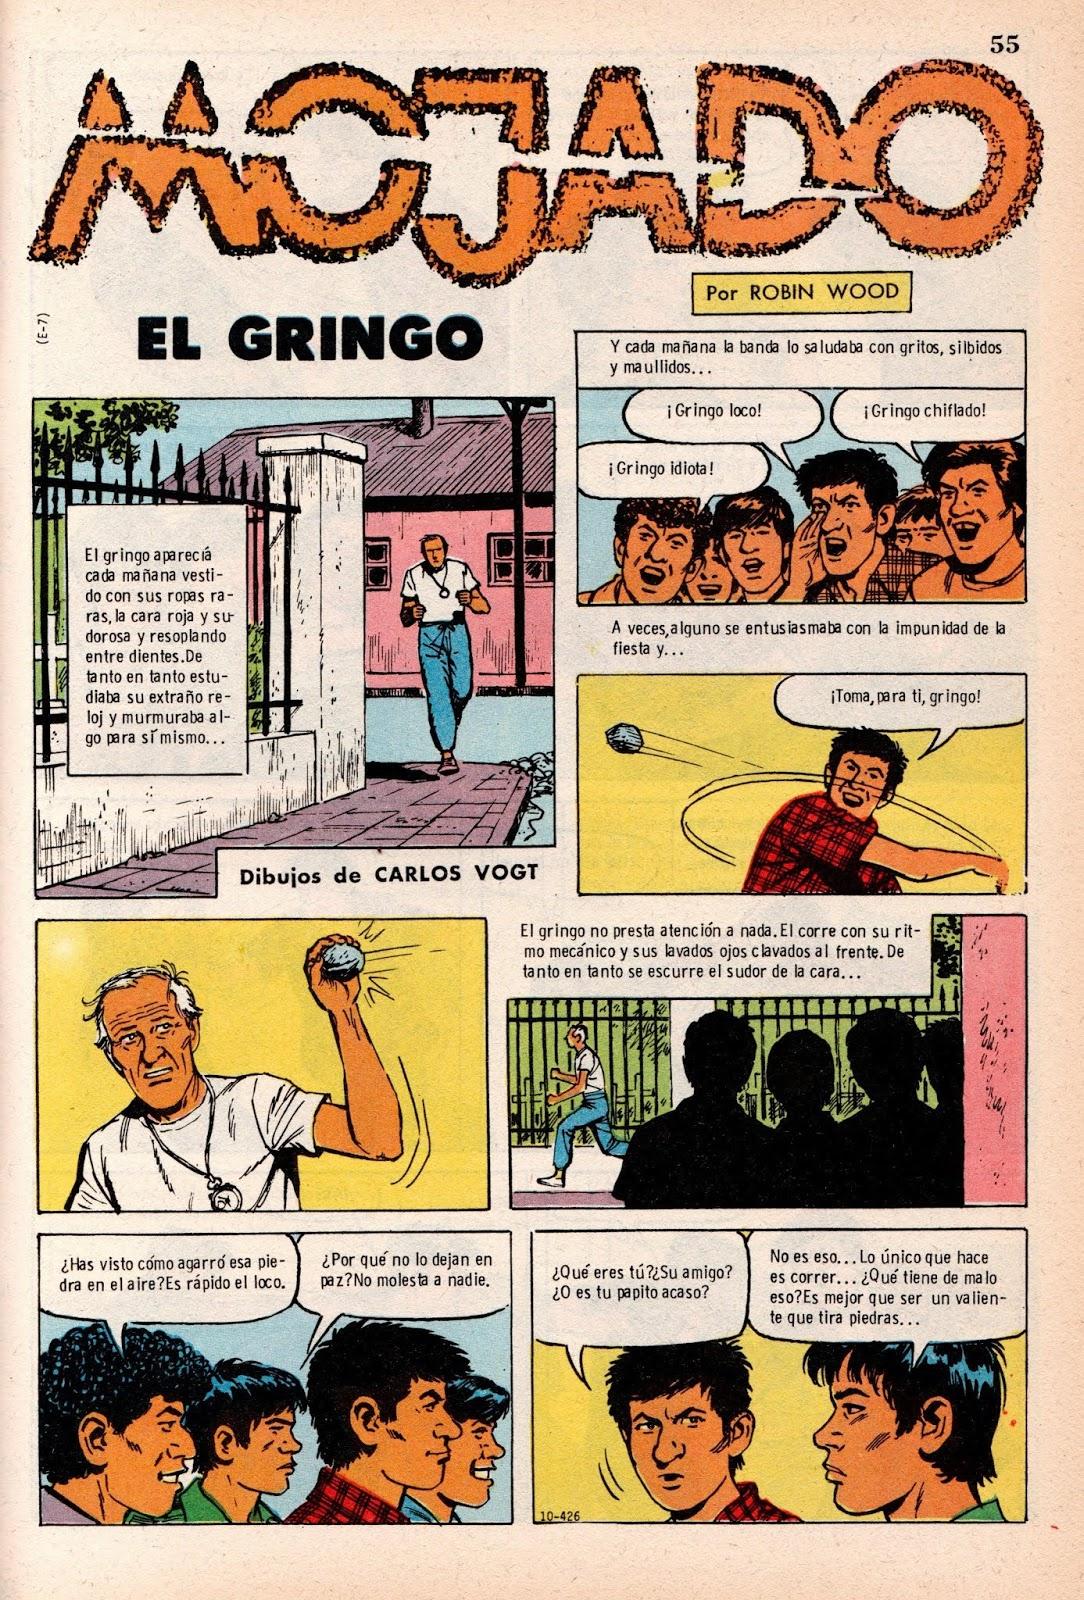 Columberos: Mojado - Episodio 7 - El gringo